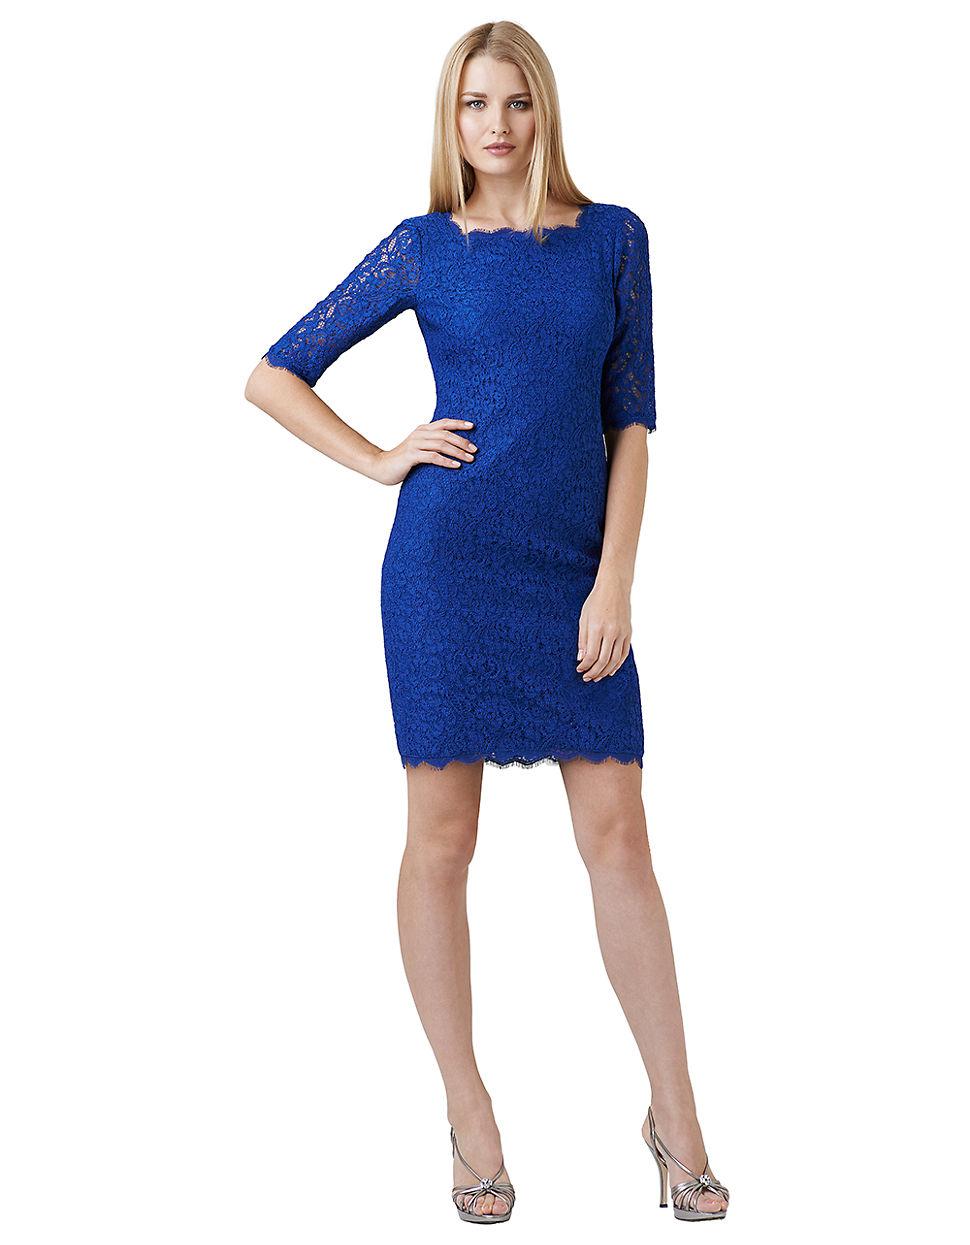 Blue Lace Cocktail Dress